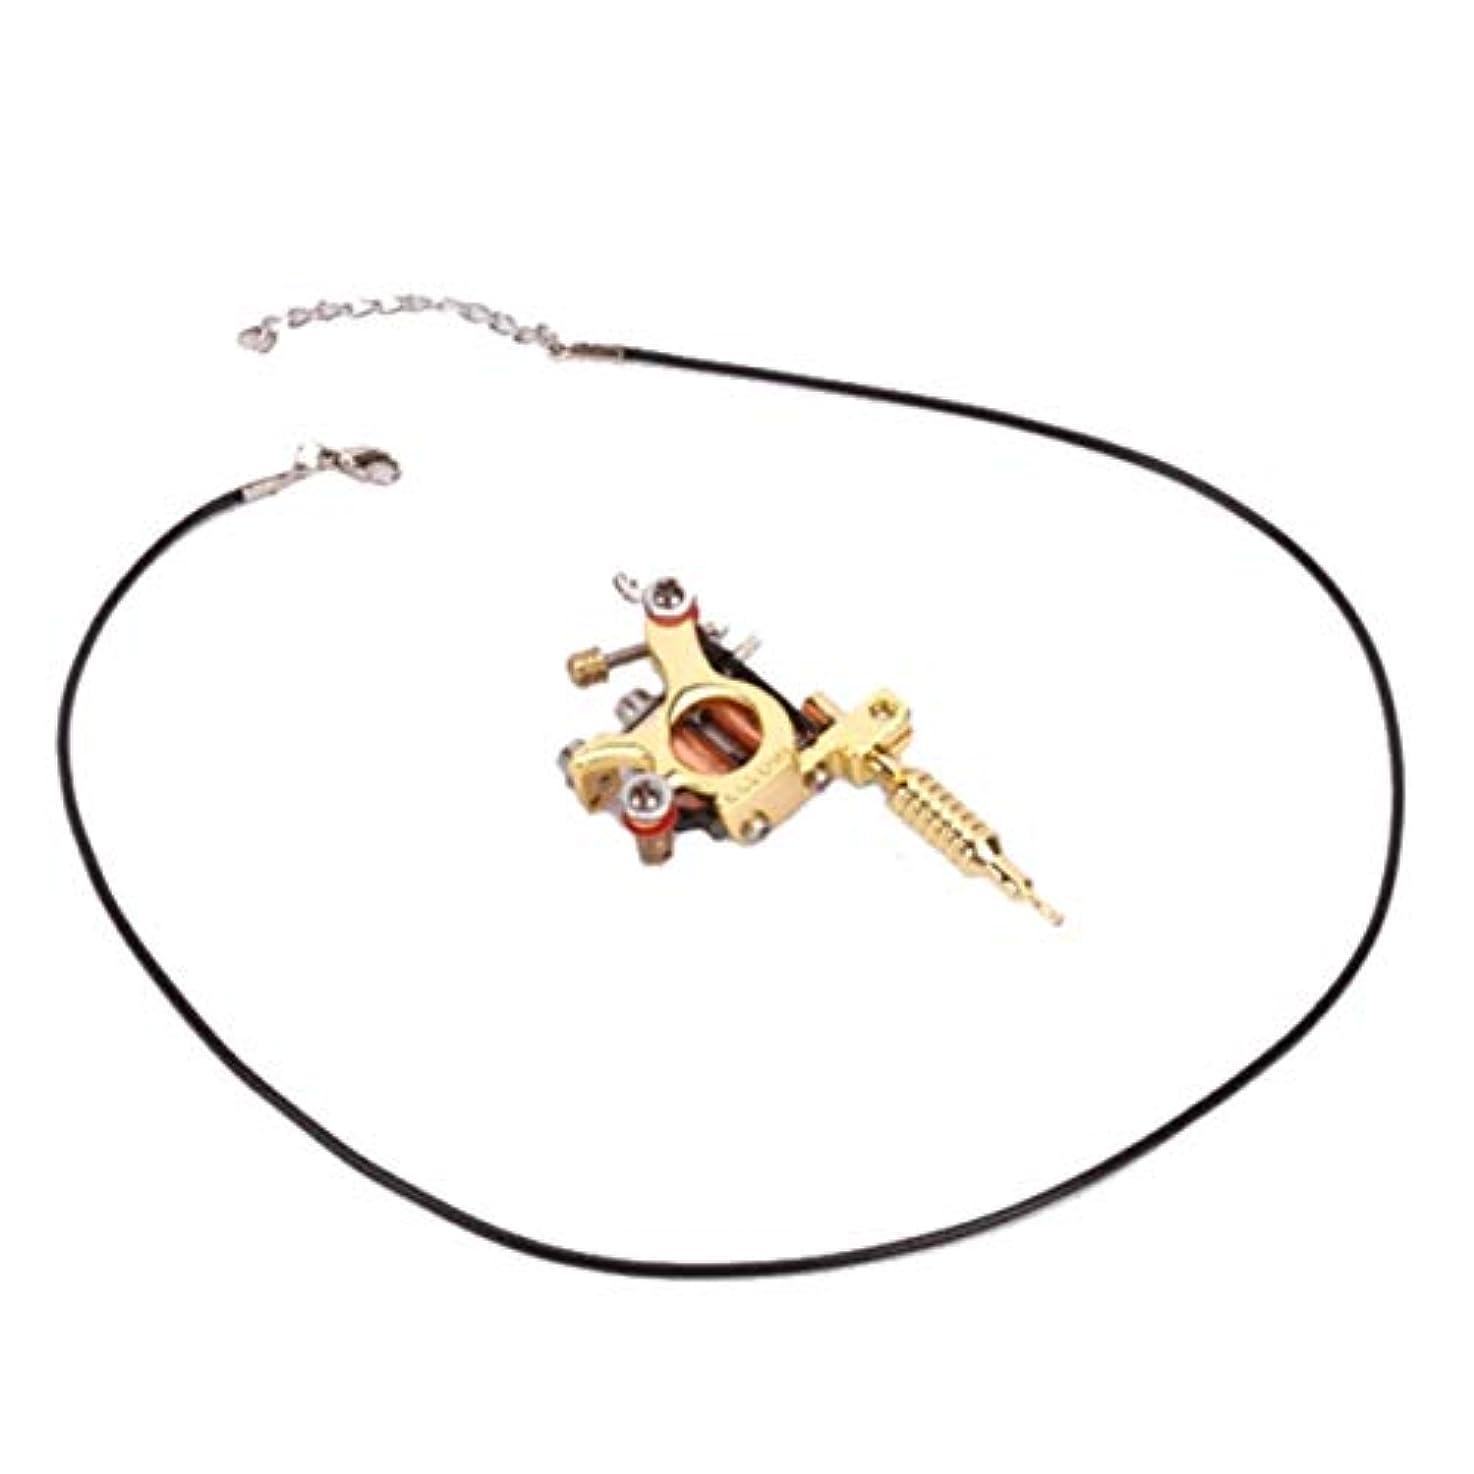 類人猿聖域過ち鋳造技術ユニセックスゴールデン&シルバー8ワープコイルGs100ファッションミニガンタトゥーマシンペンダントおもちゃ-ゴールド